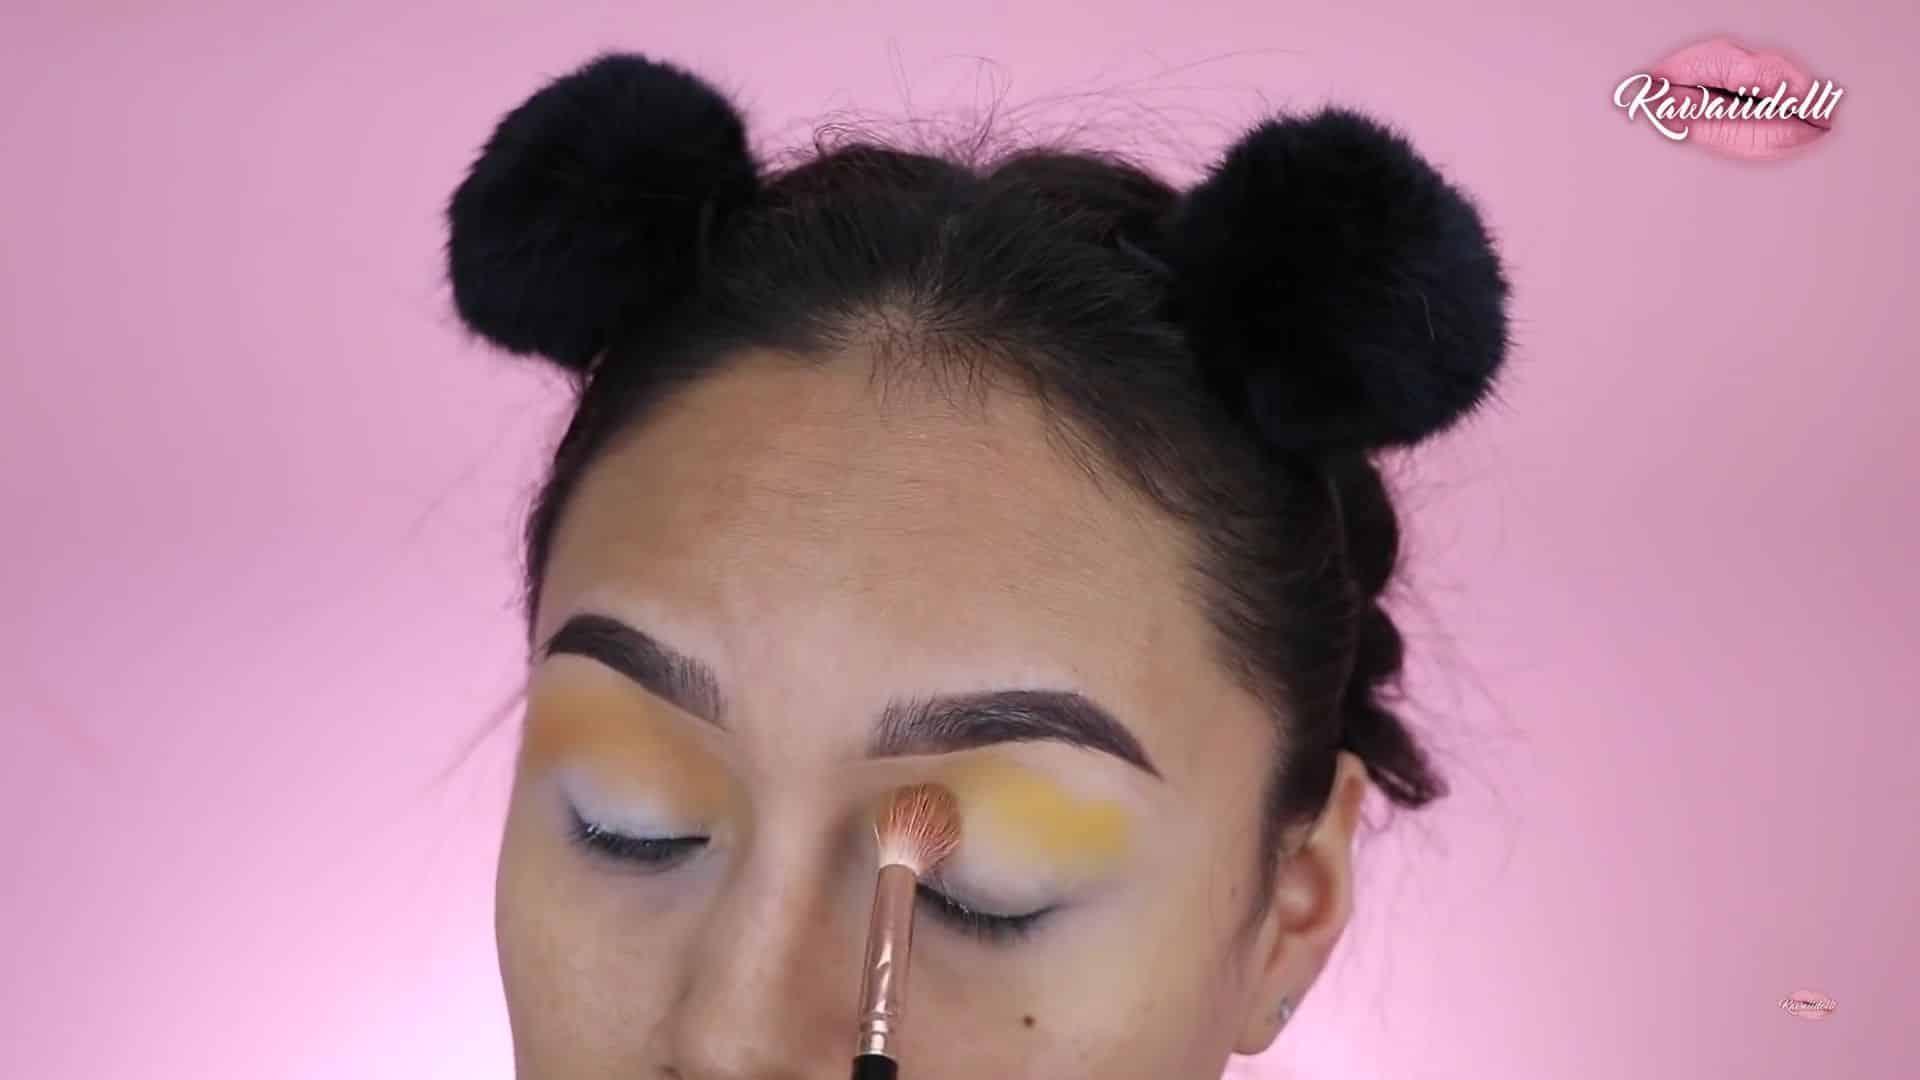 Maquillaje de fantasía Rapunzel 2020 kawaiidoll1, sombra mostaza, sombra amarilla, paleta fantasy, duo color.